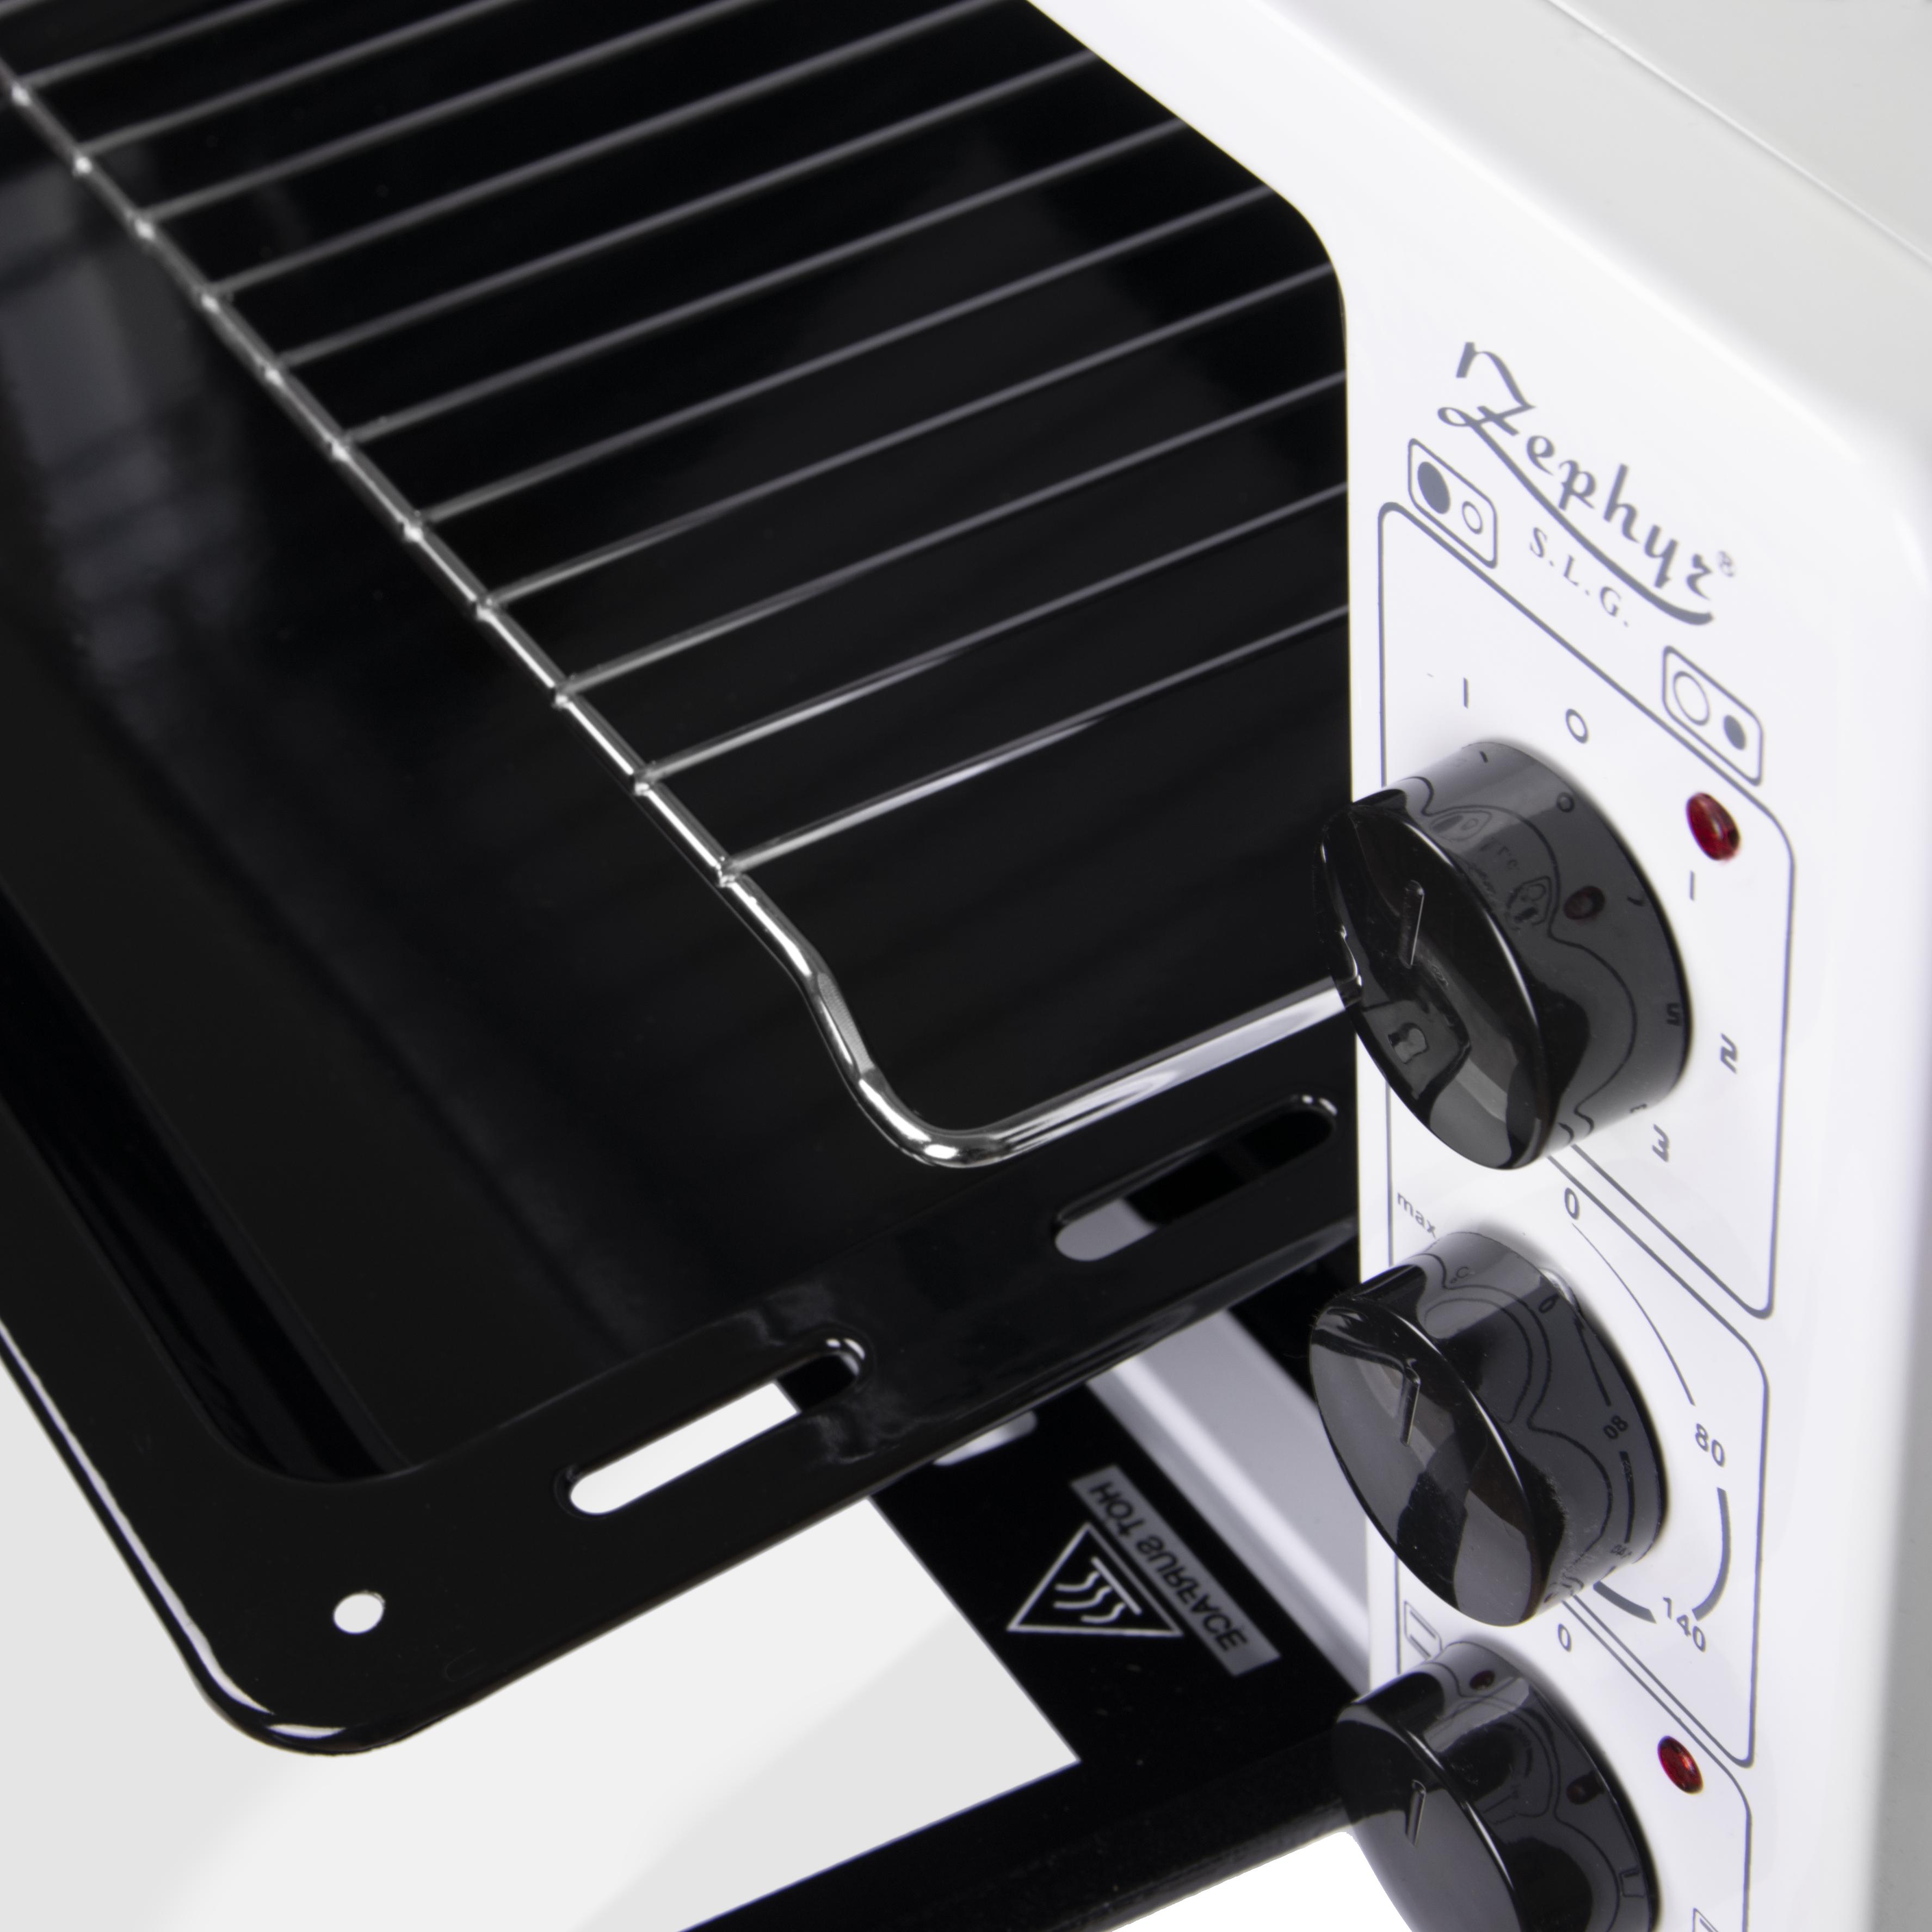 Готварска печка с фурна и два котлона 50 литра бял цвят ZEPHYR